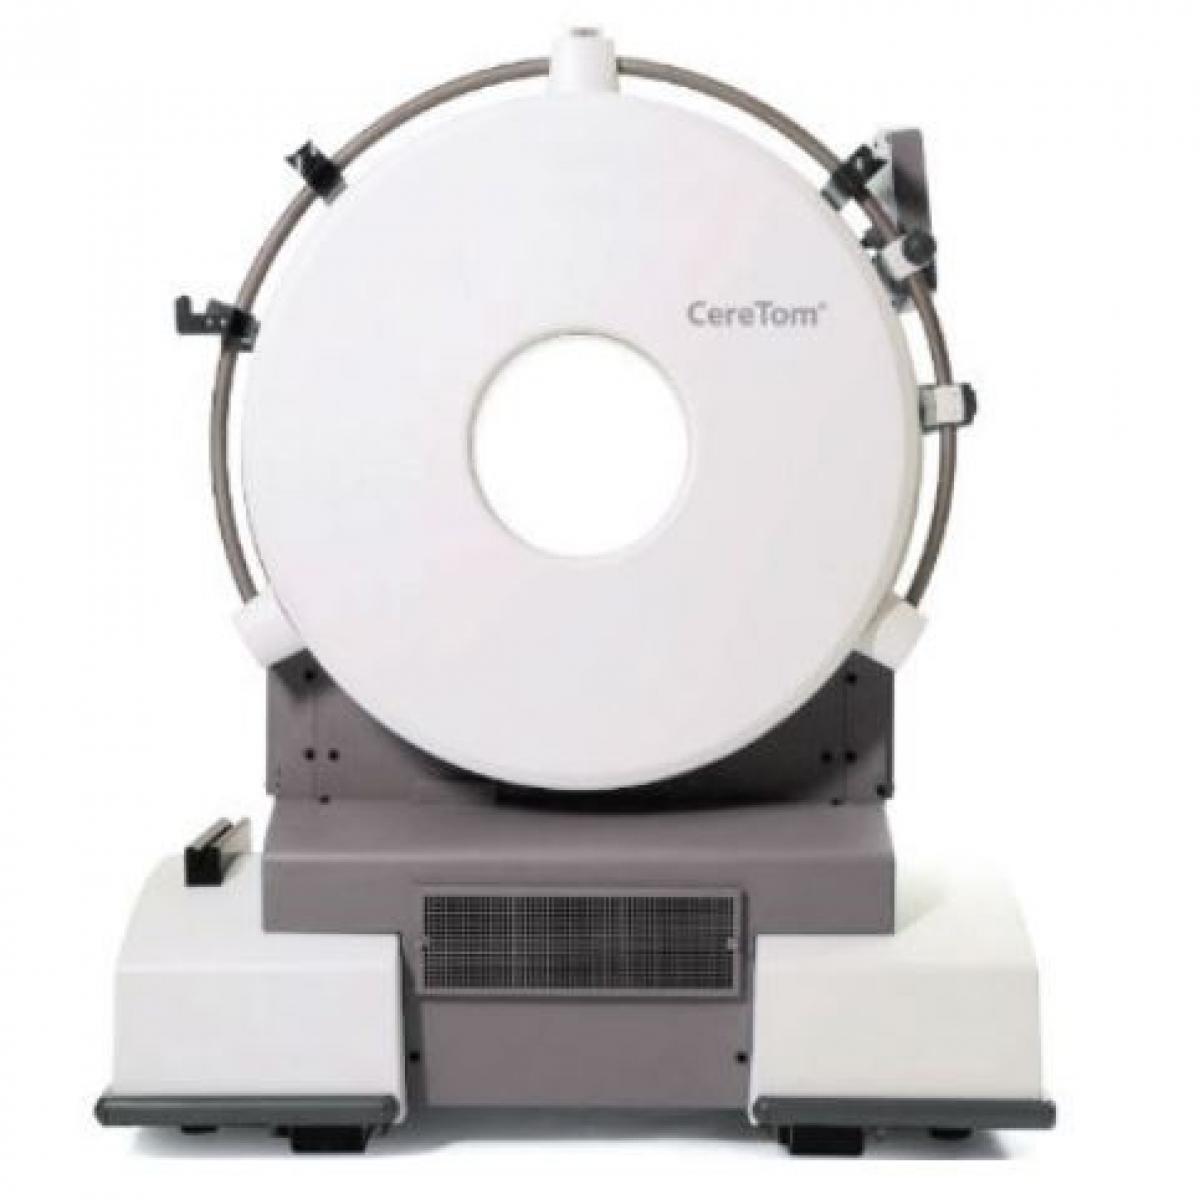 CereTom 8 Kesit CT Tarayıcı